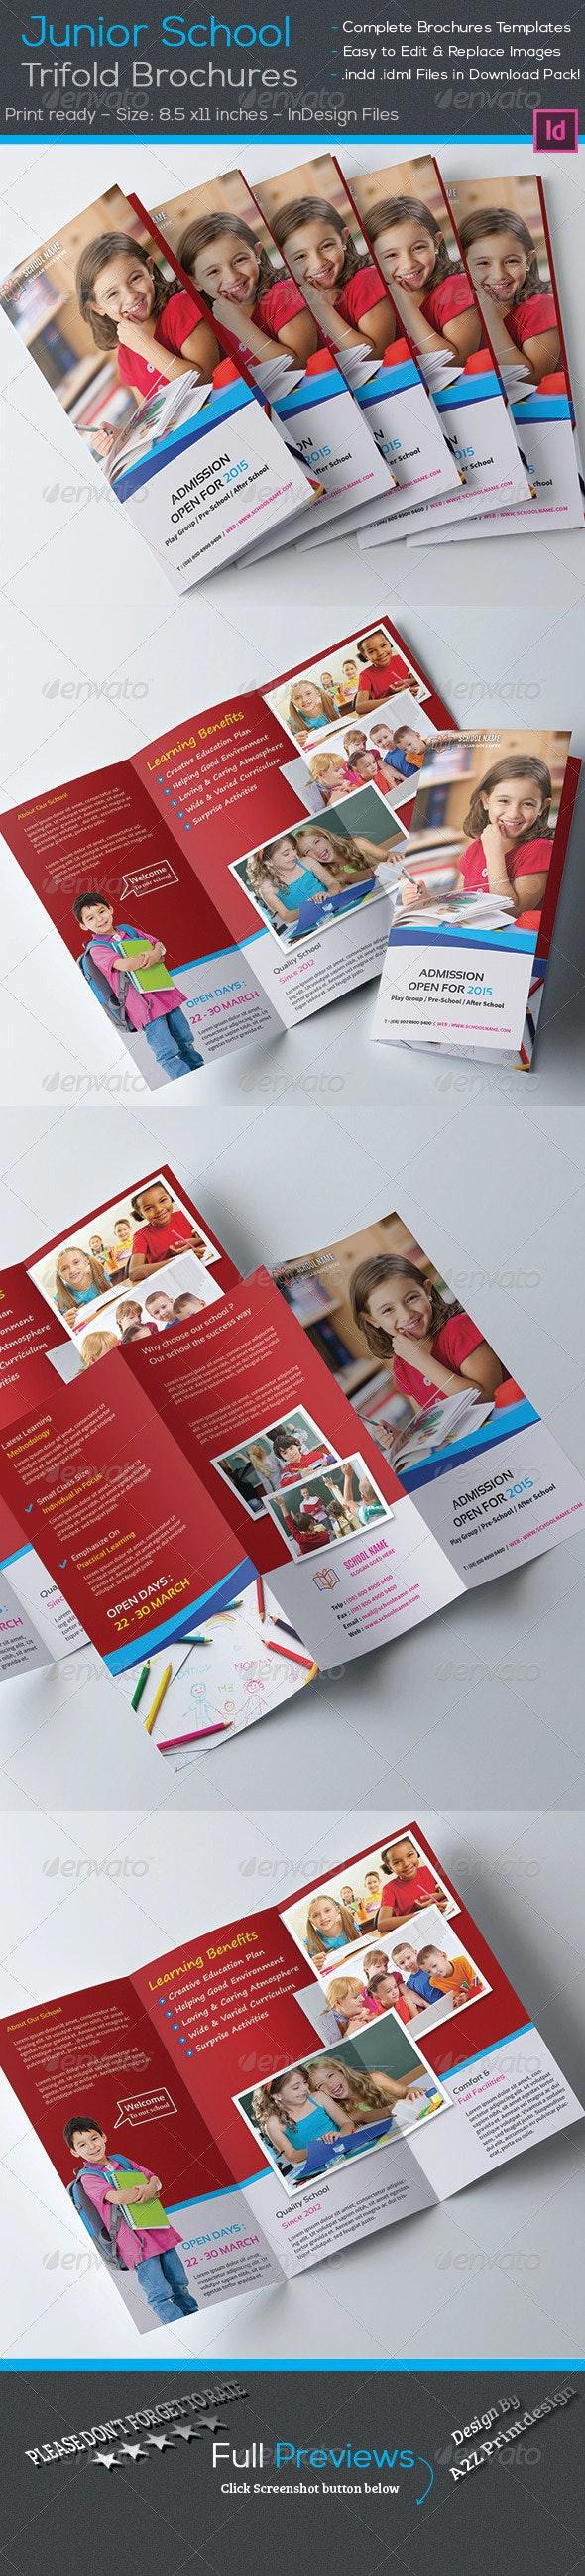 Junior School Trifold Brochures - Corporate Brochures